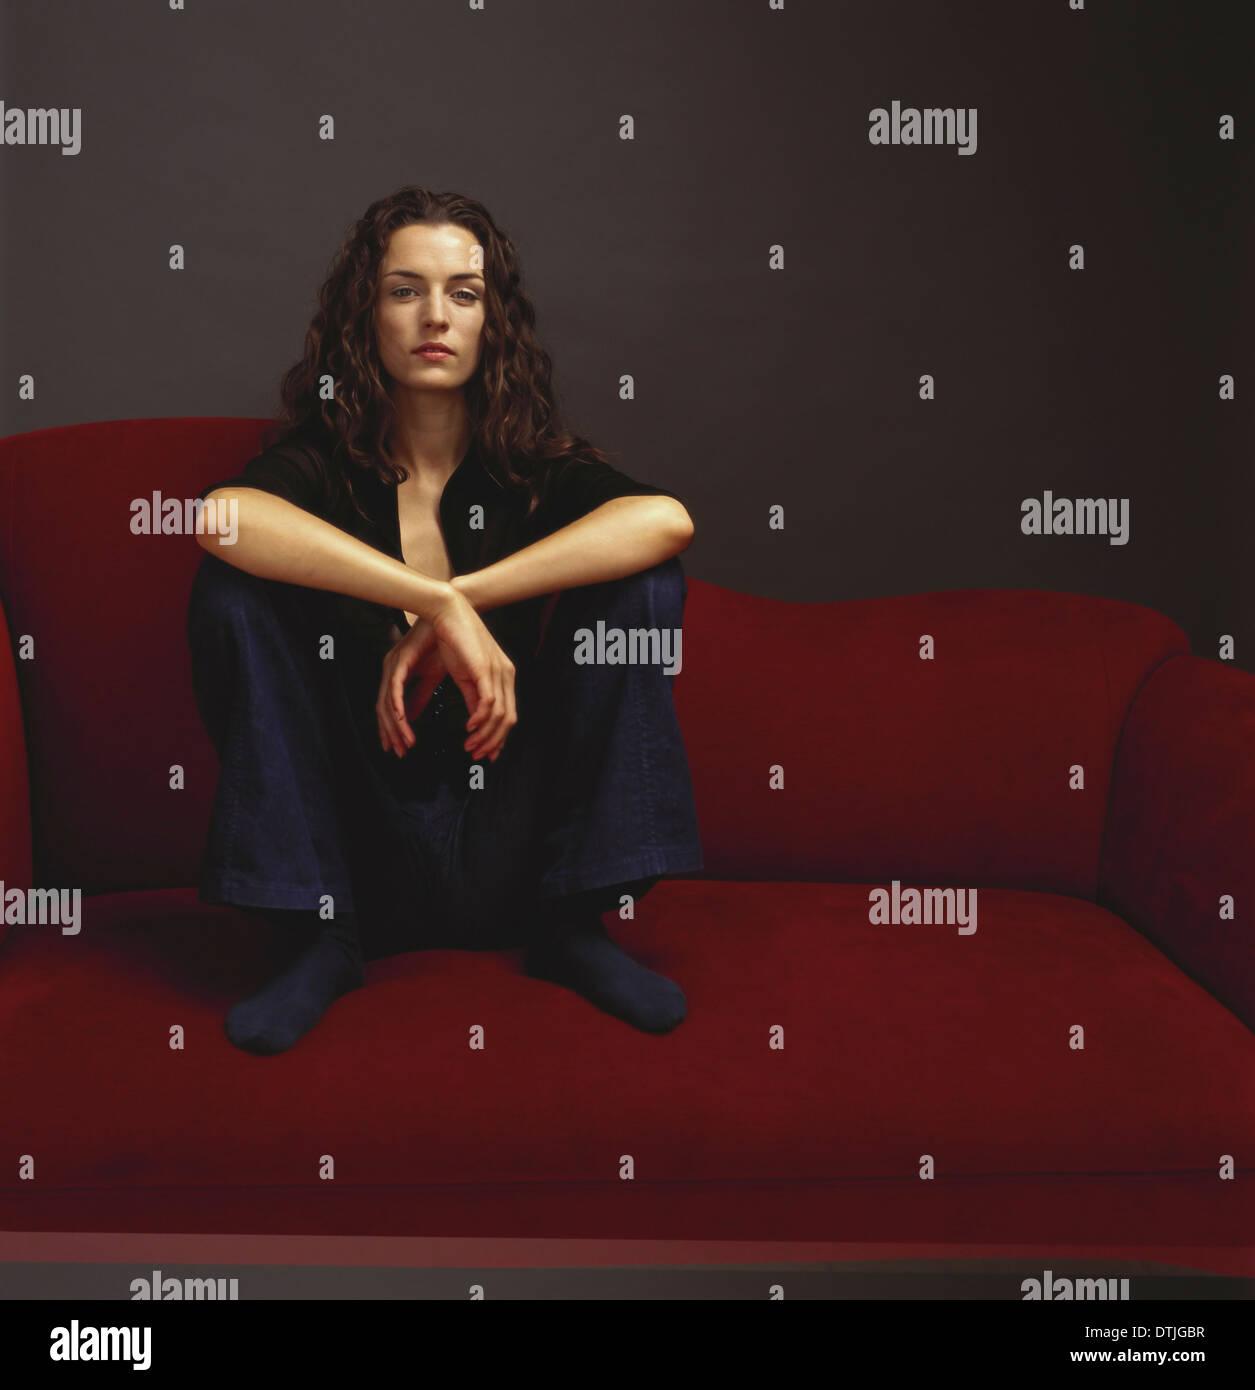 Une femme vêtue de noir assise sur un canapé rouge Cape Town Afrique du Sud Banque D'Images